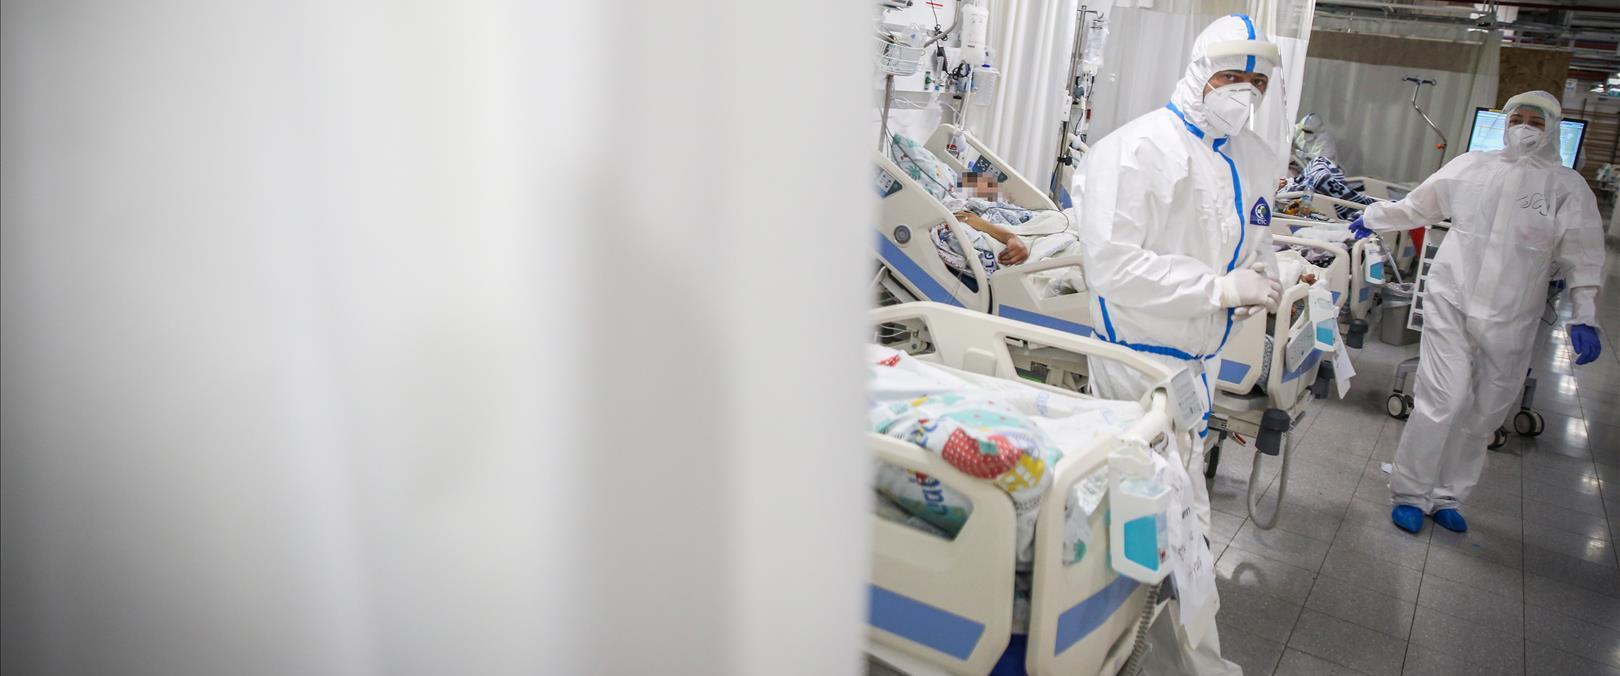 בית חולים זיו בינואר 2021